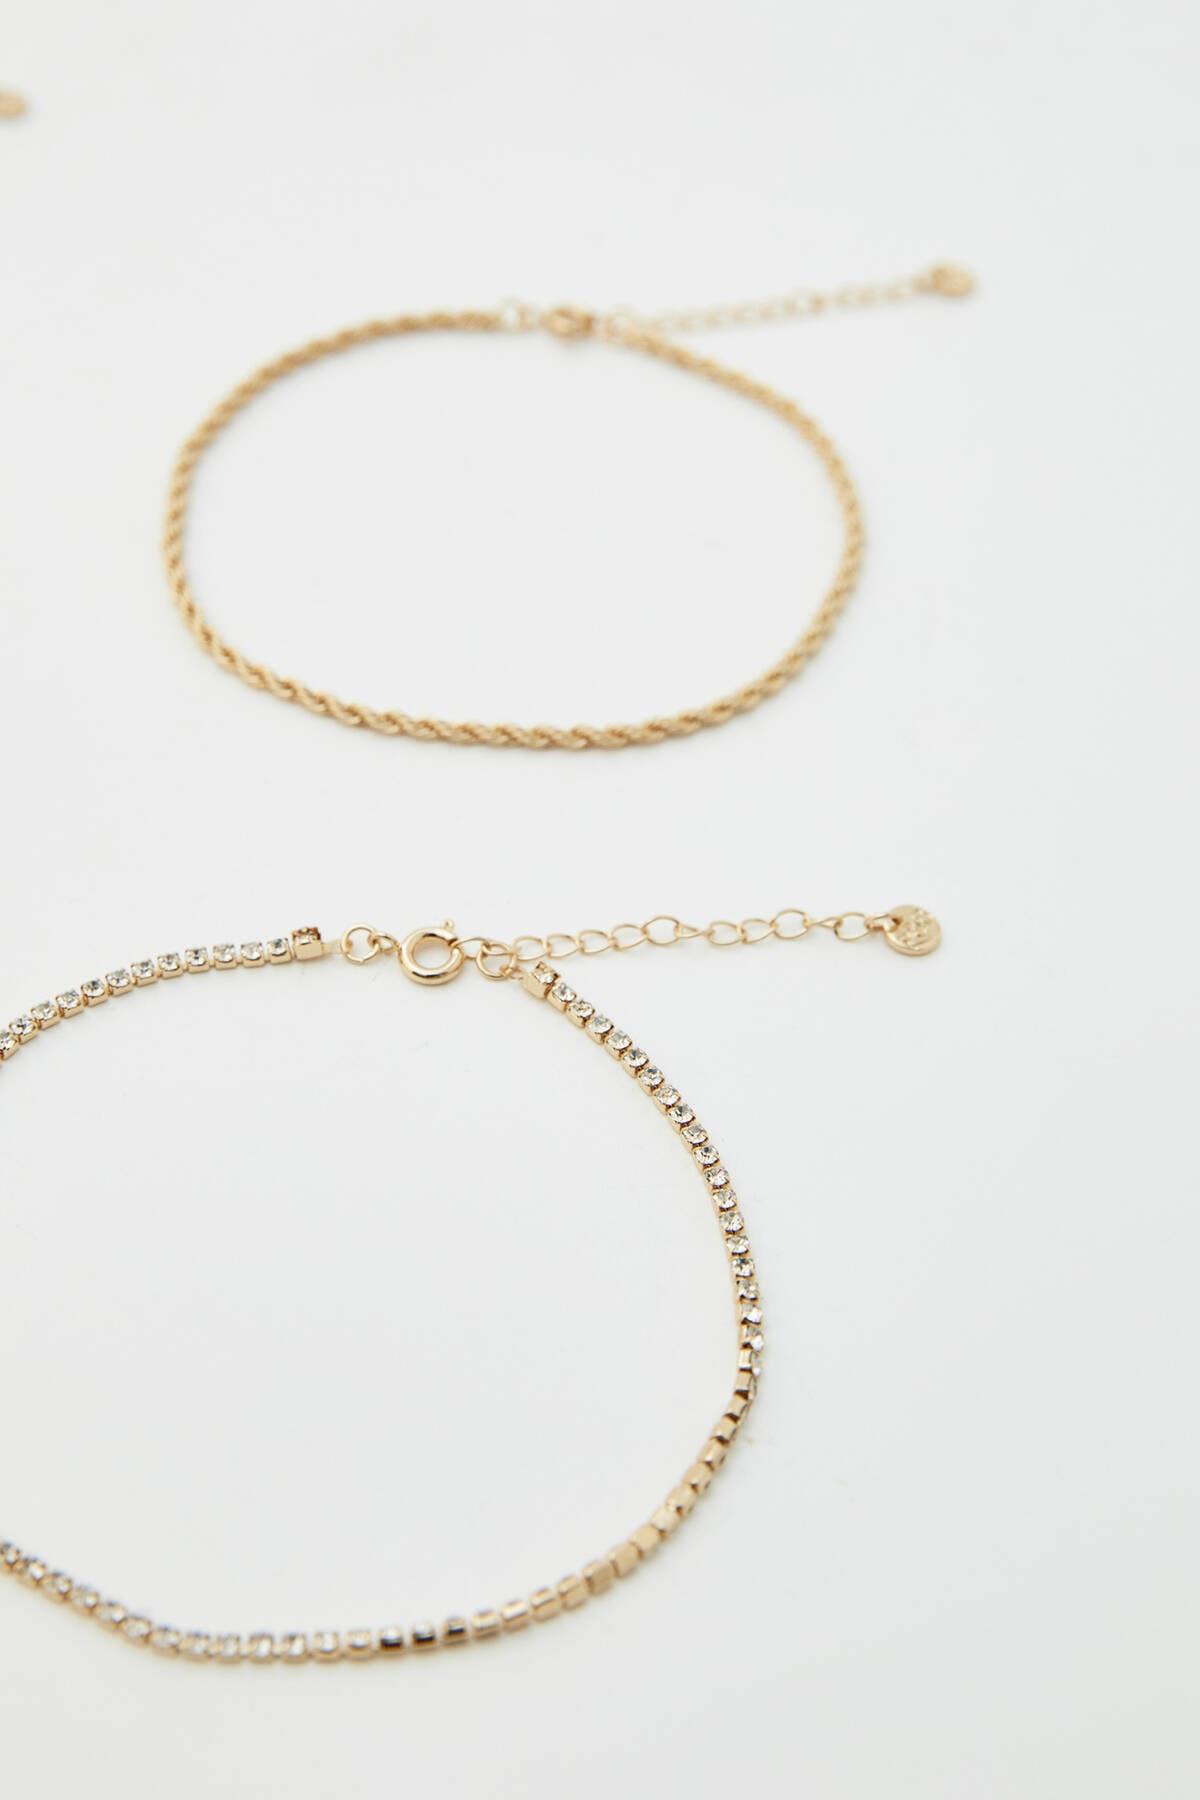 Pull & Bear Kadın Altın Rengi Yıl Detaylı Altın Rengi Halhal Seti 09996381 2